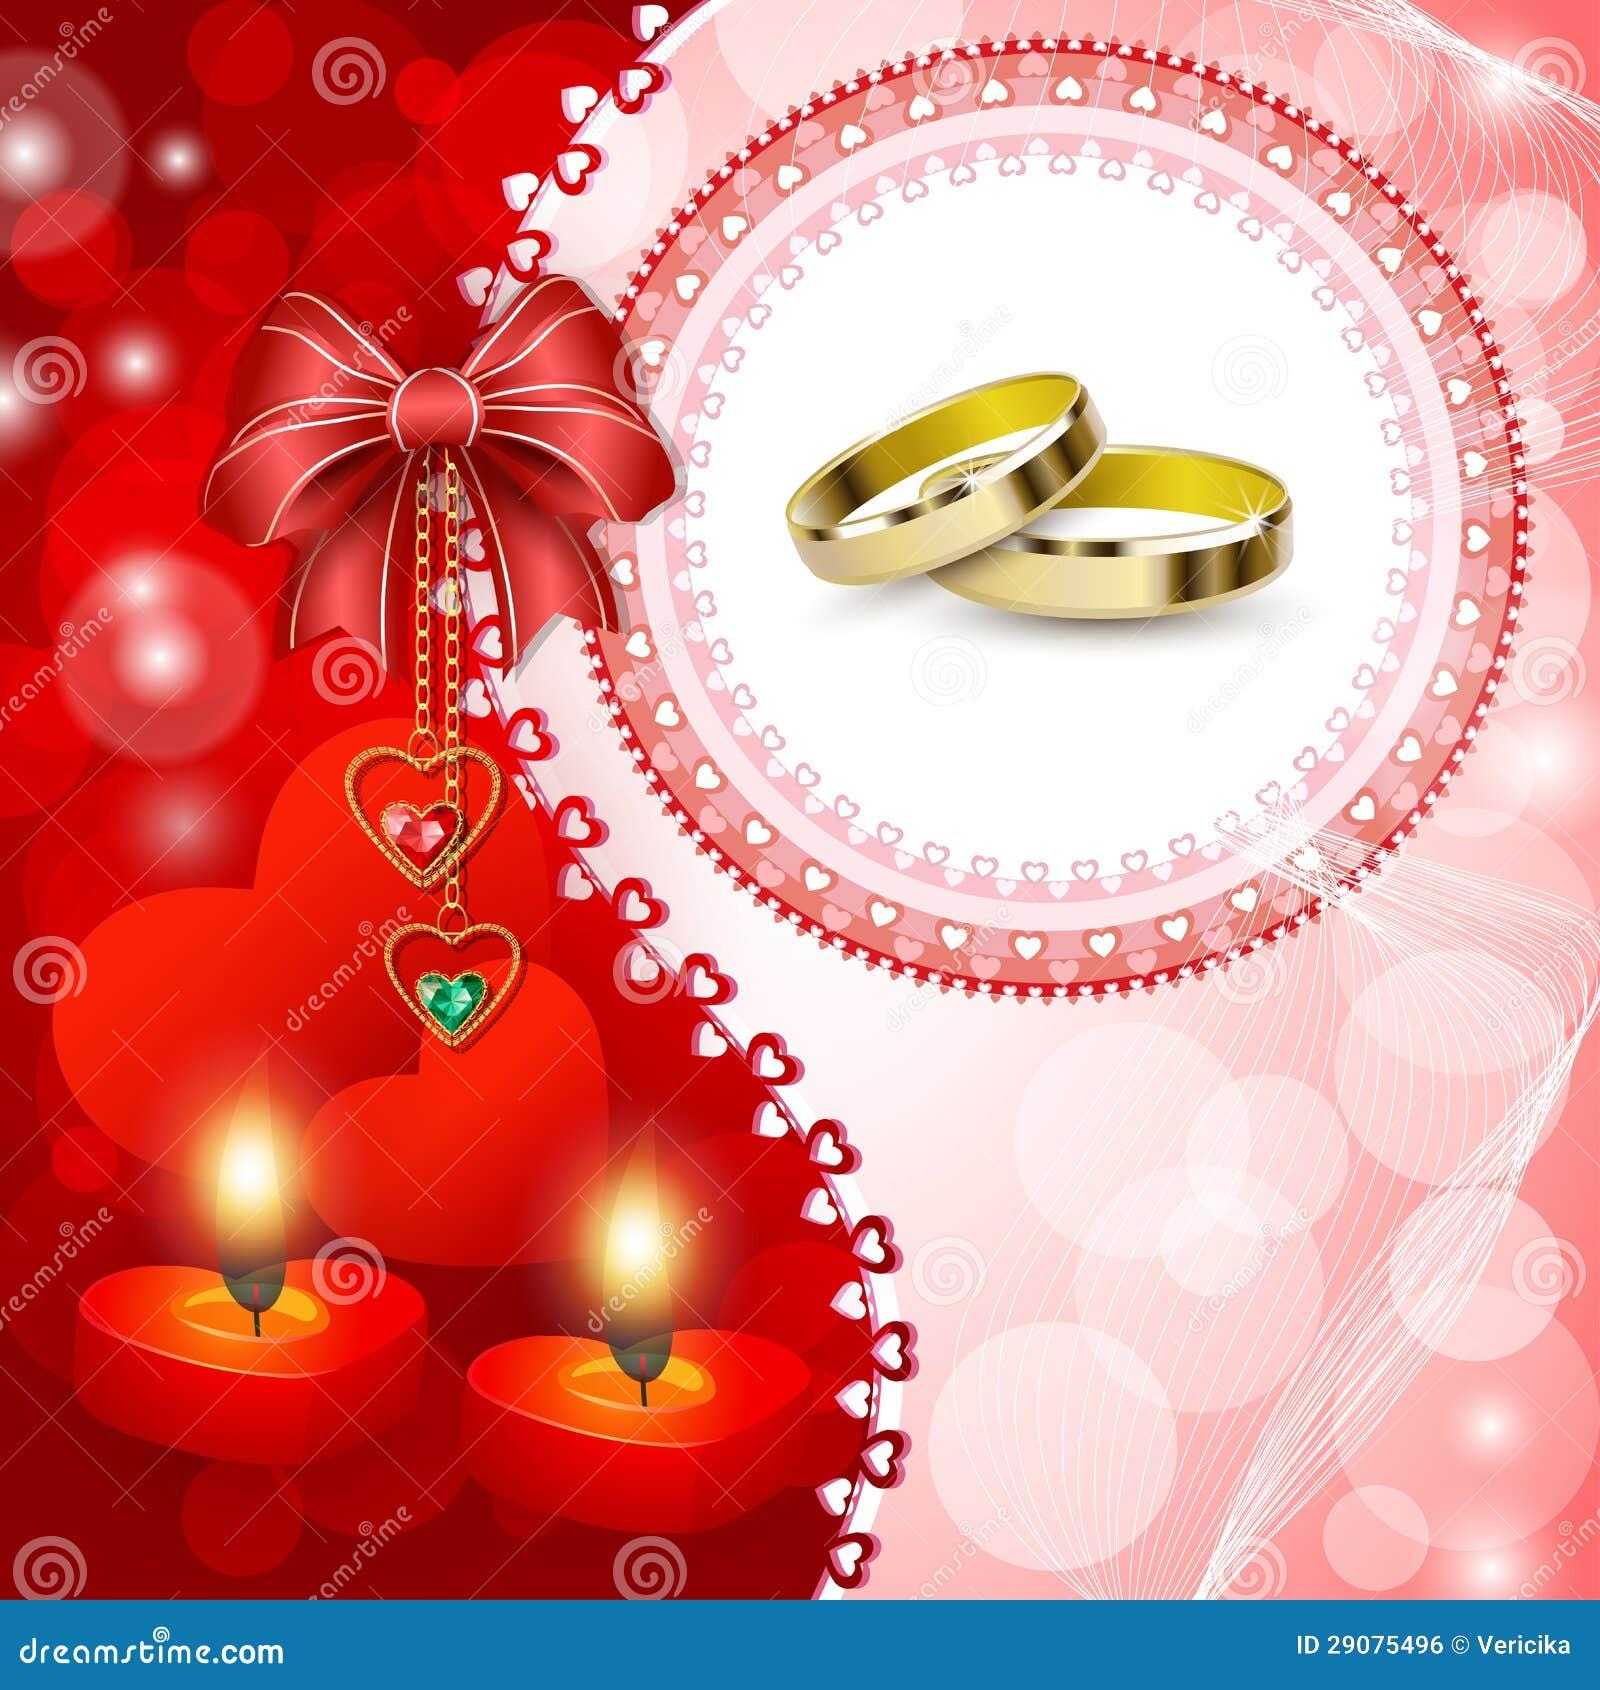 De uitnodigingskaart van het huwelijk met ringen royalty